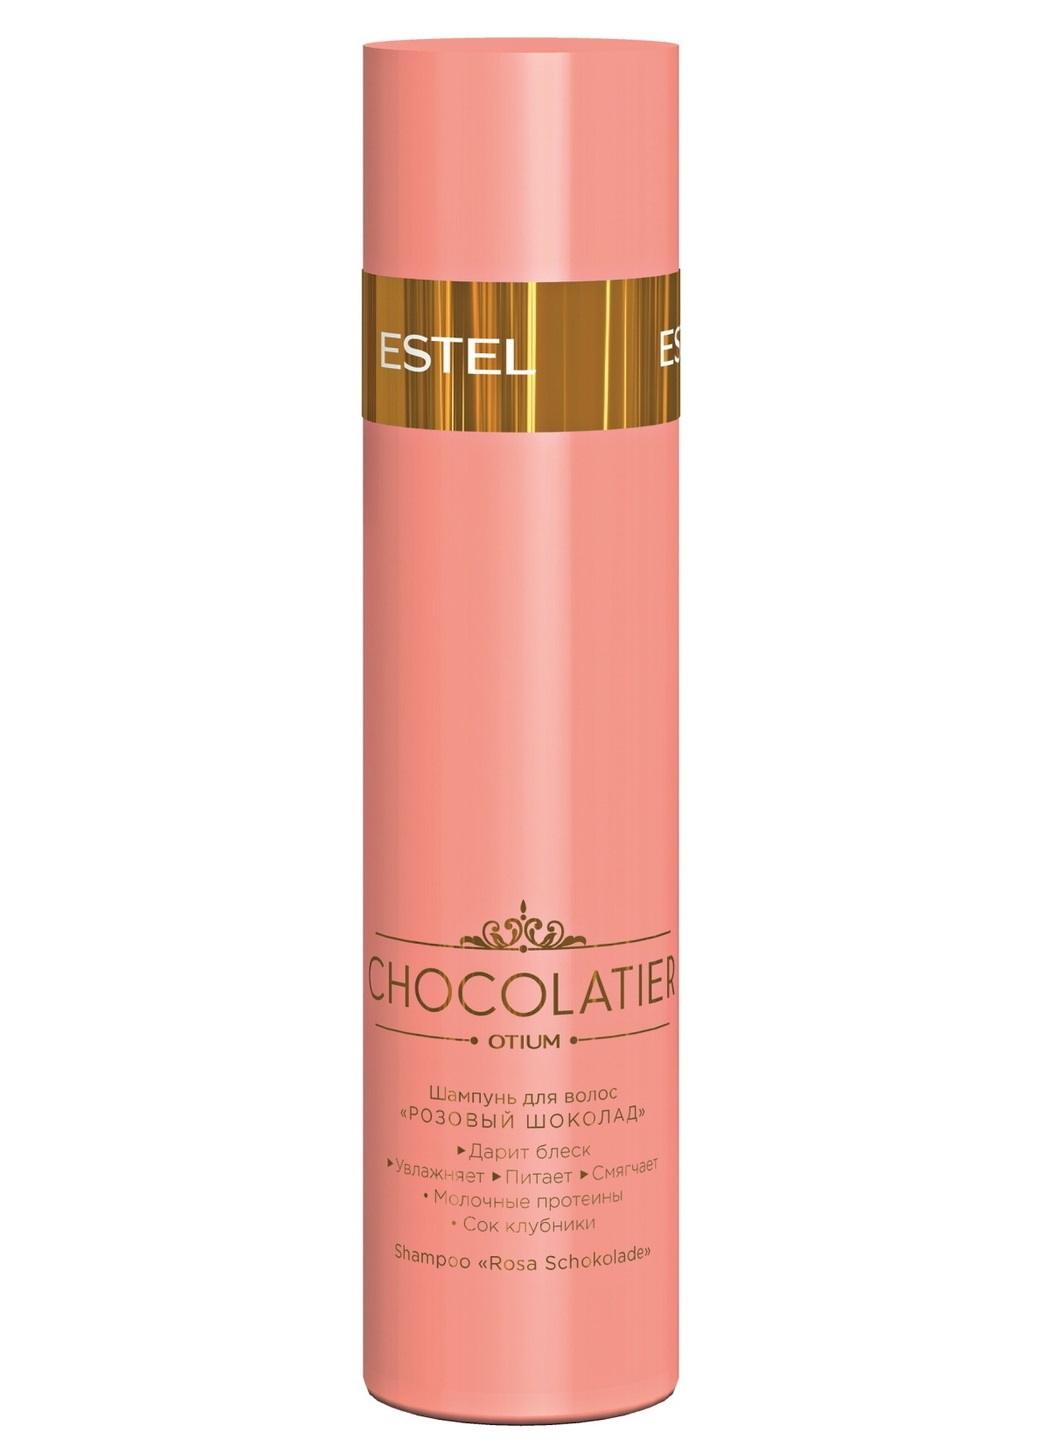 Купить ESTEL PROFESSIONAL Шампунь для волос Розовый шоколад / CHOCOLATIER 250 мл